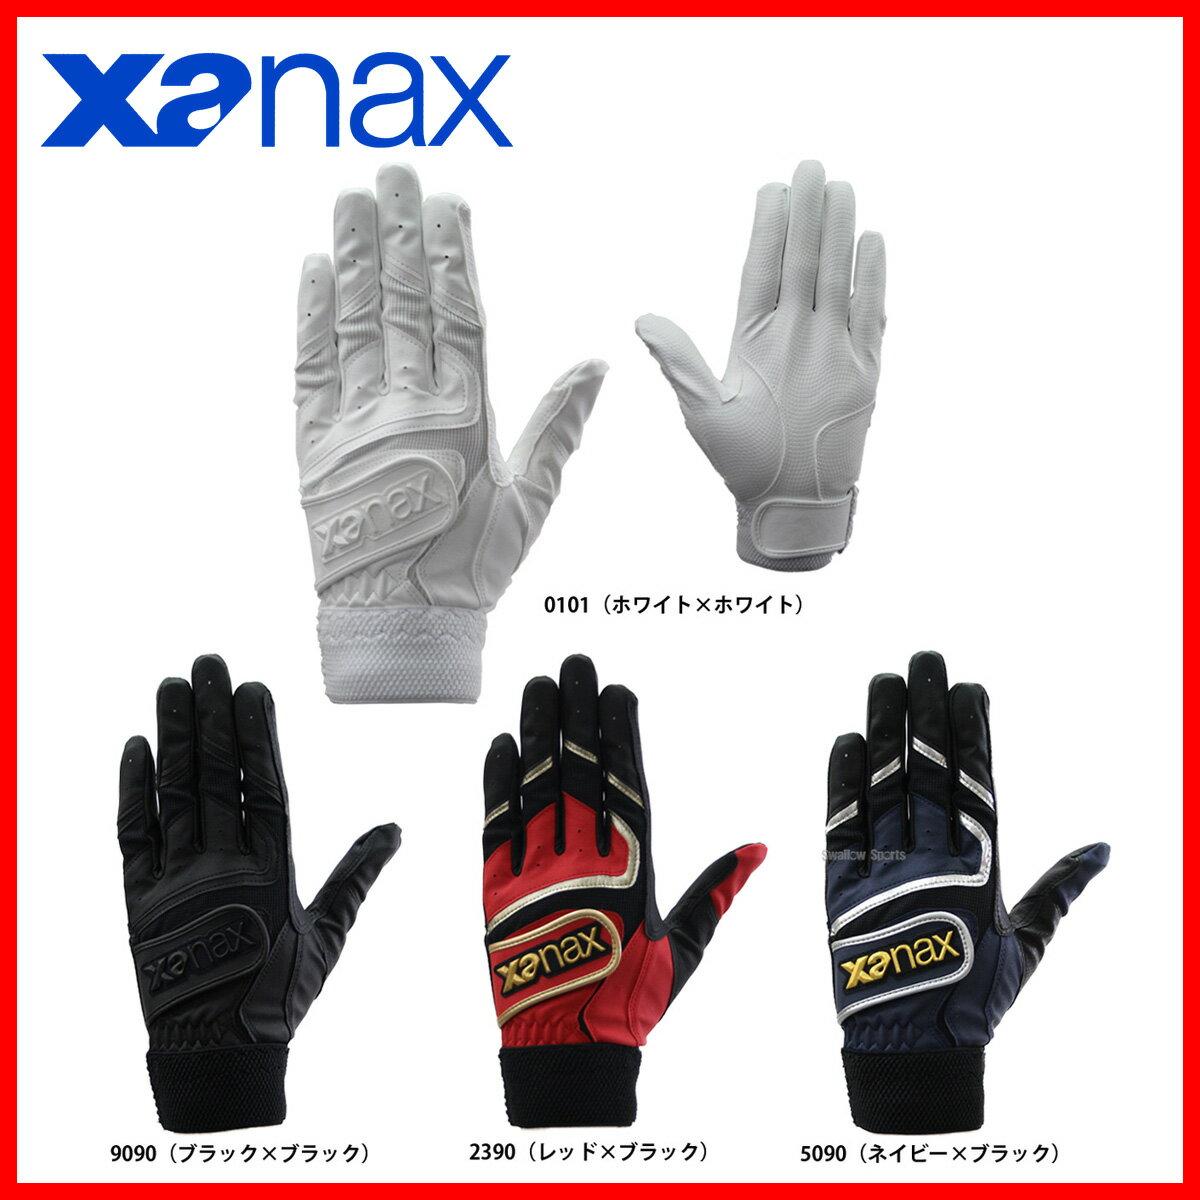 【あす楽対応】 ザナックス クロス ダブルベルト バッティング手袋 両手用 一部高校野球対応 BBG-81 【Sale】 野球用品 スワロースポーツ